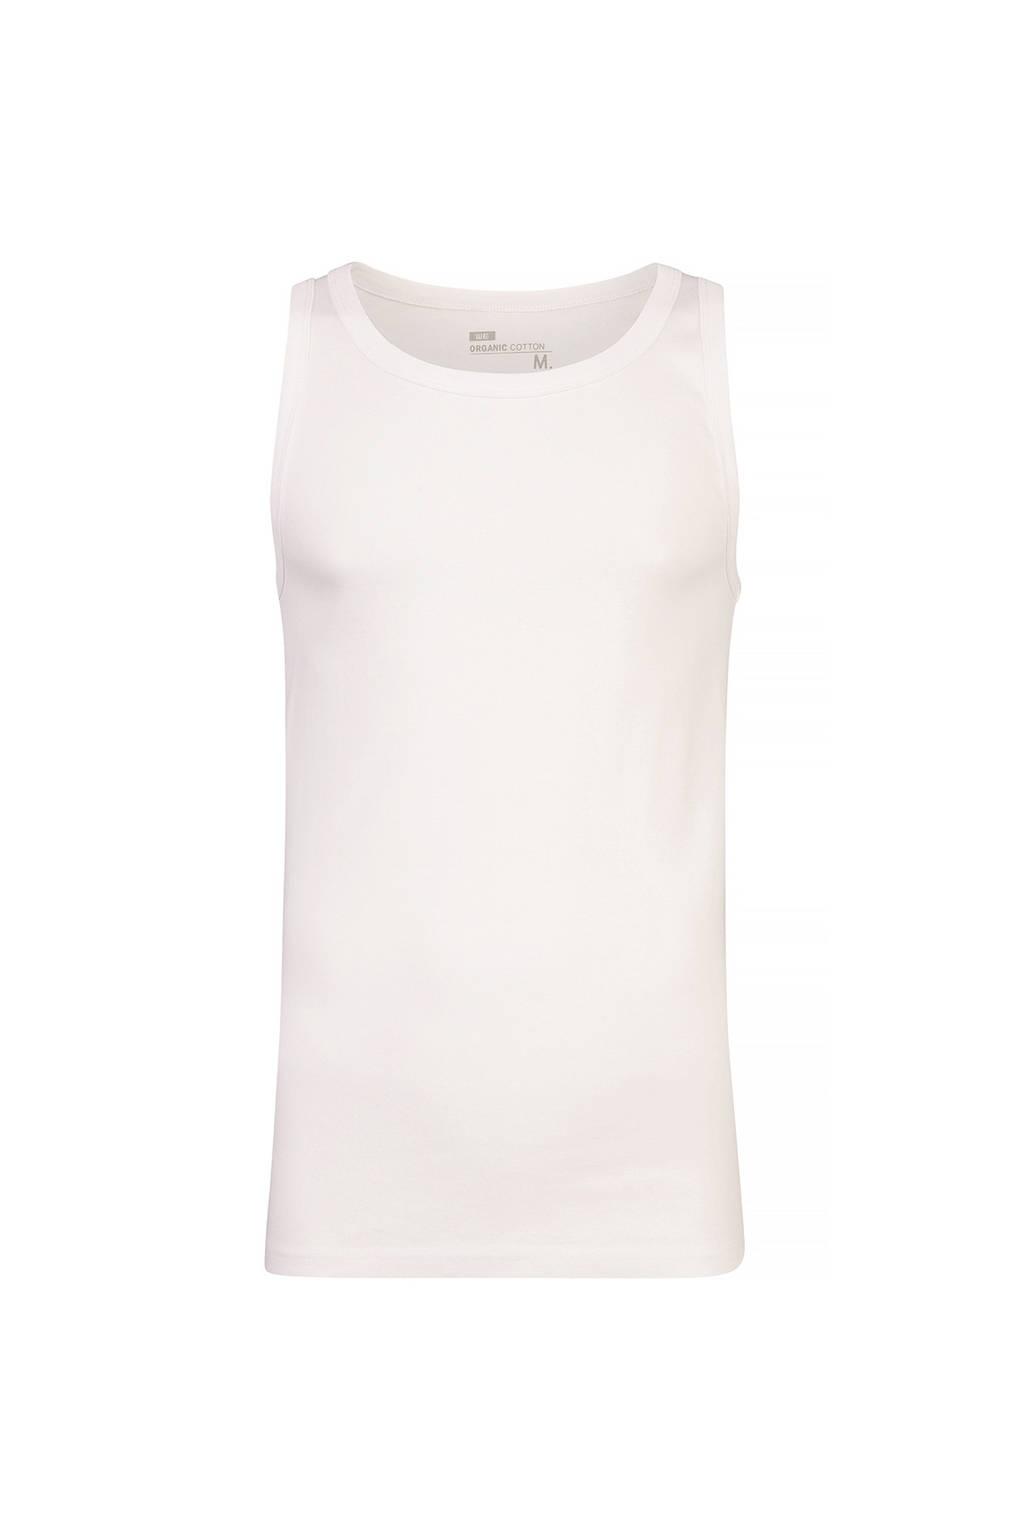 WE Fashion singlet, White Uni